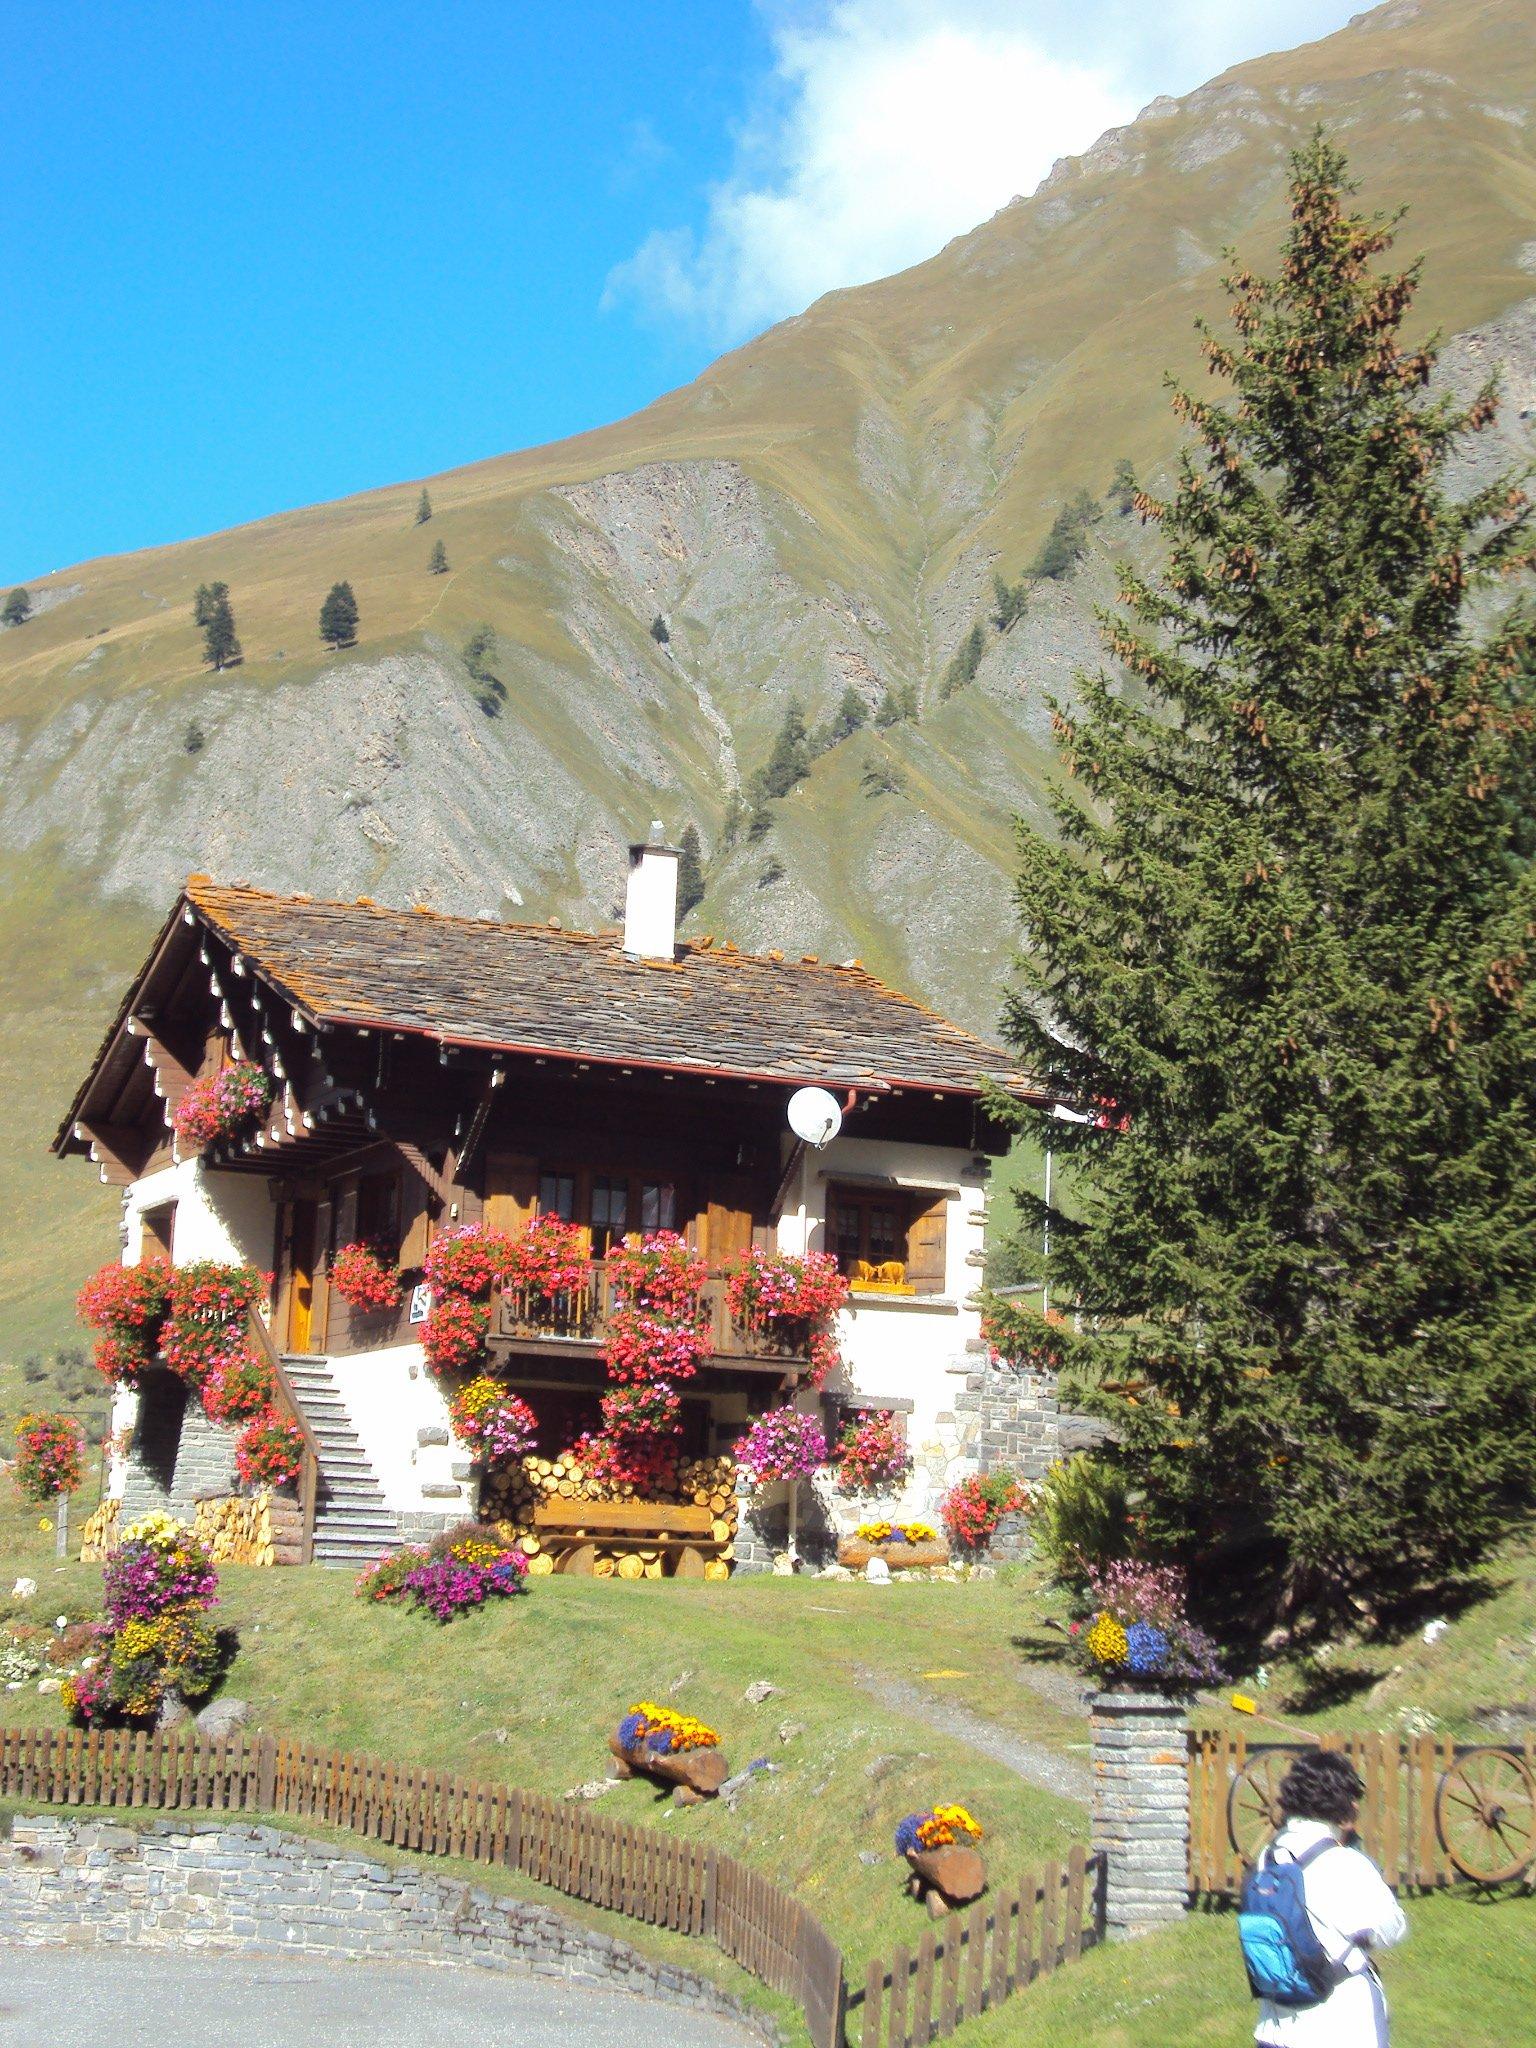 Suiza, Tour Mont Blanc (TMB) 2010